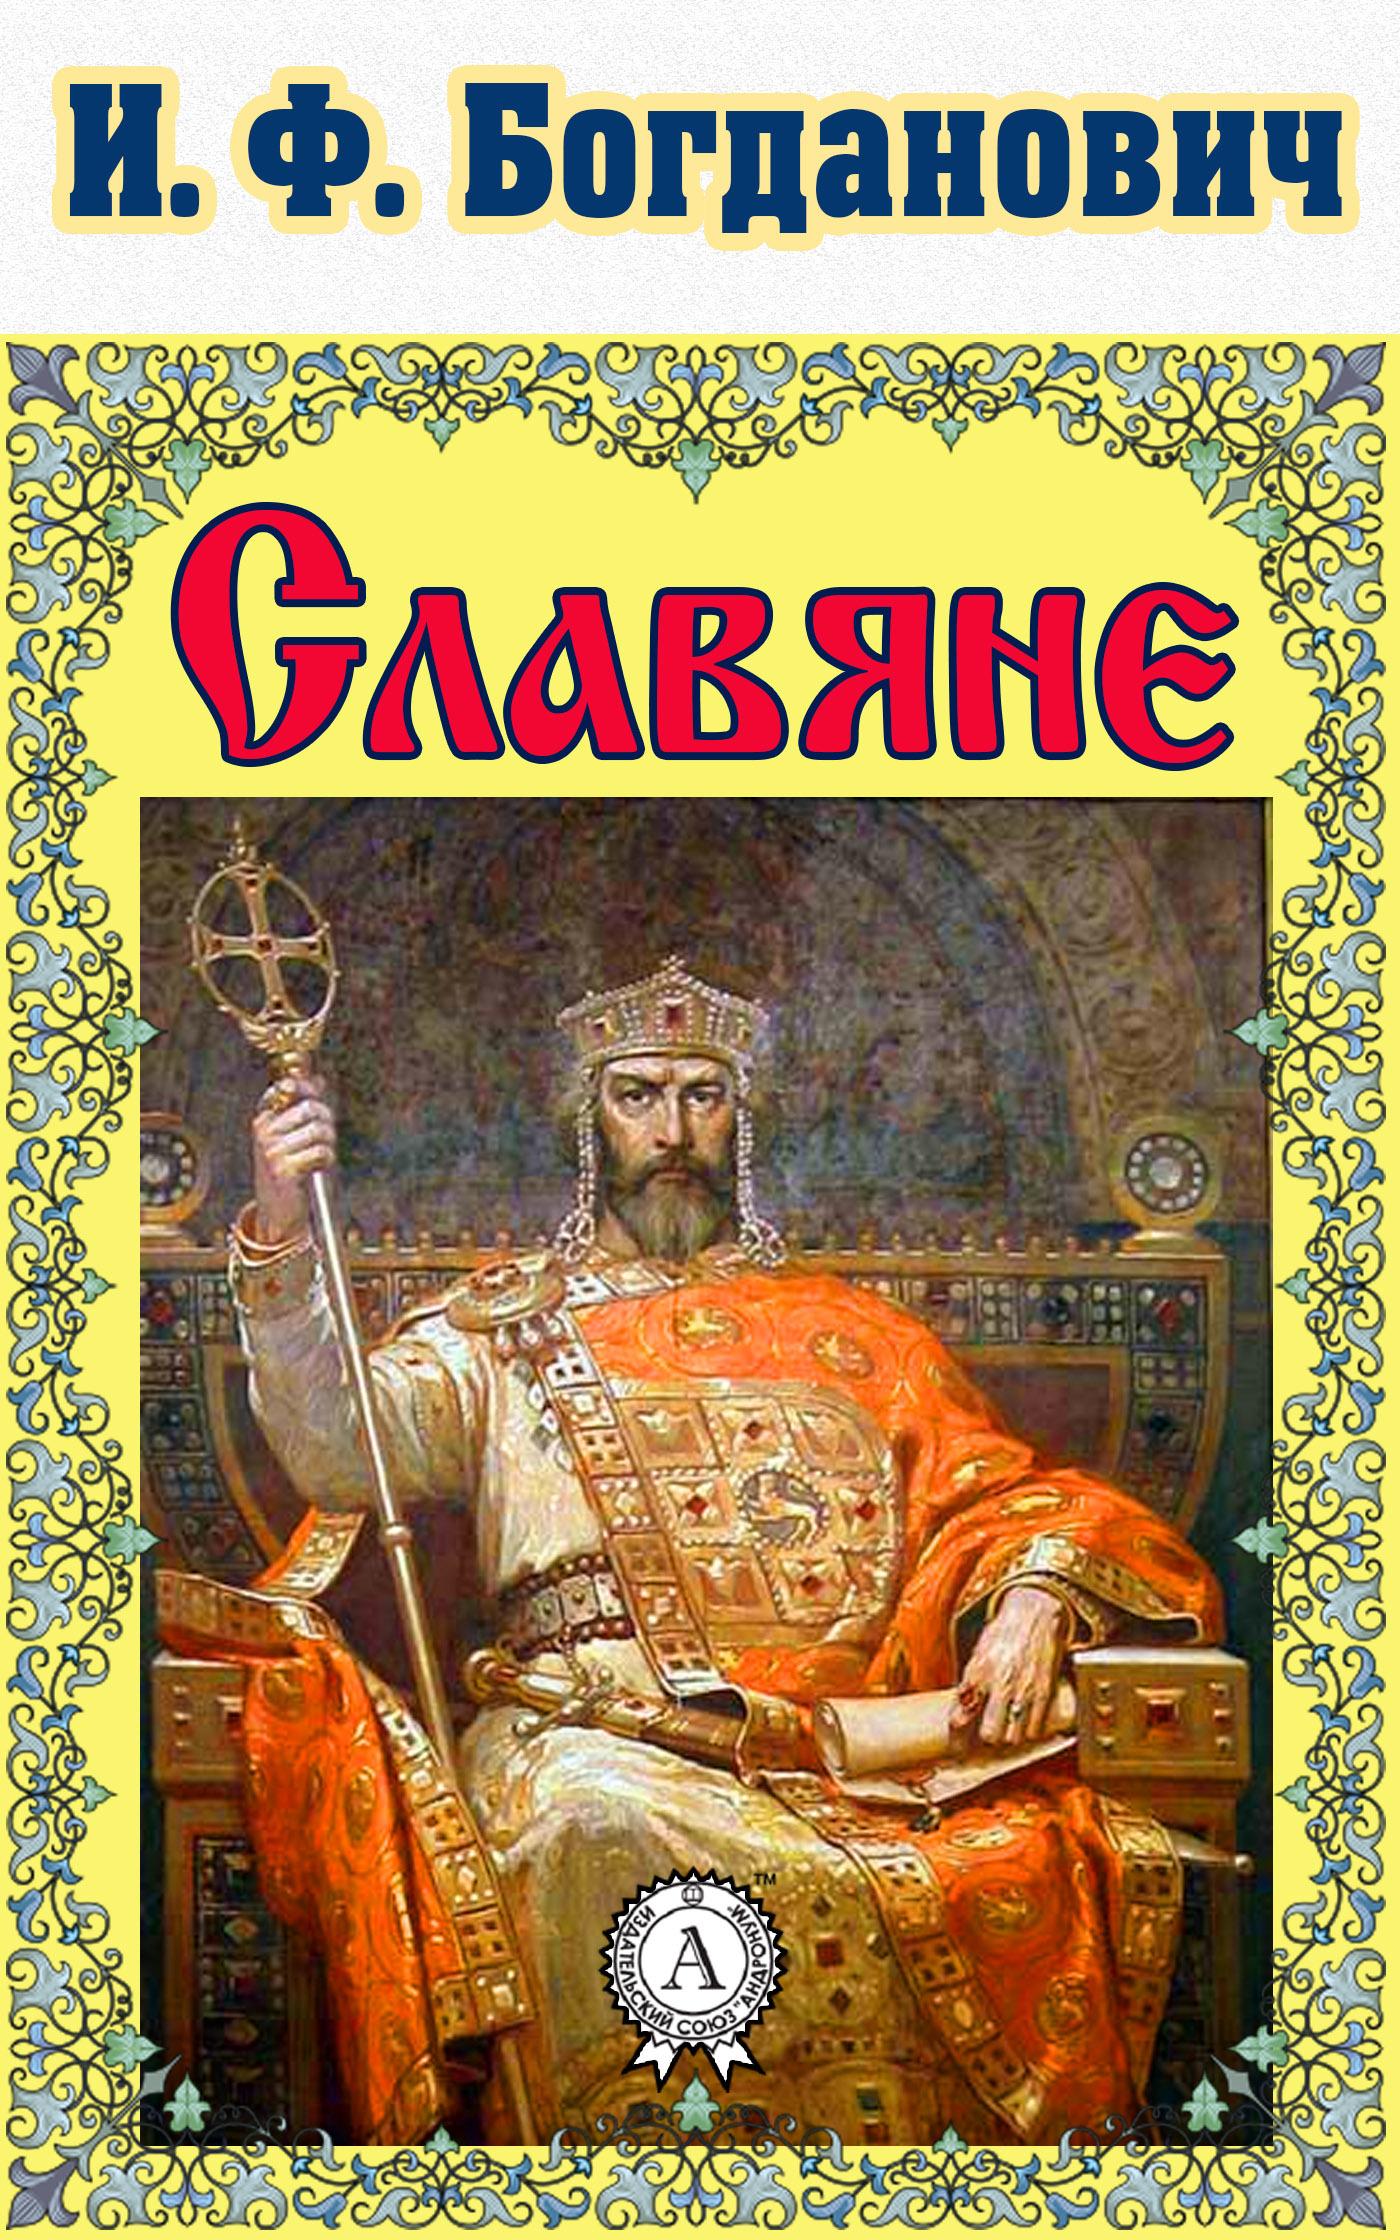 интригующее повествование в книге И. Ф. Богданович